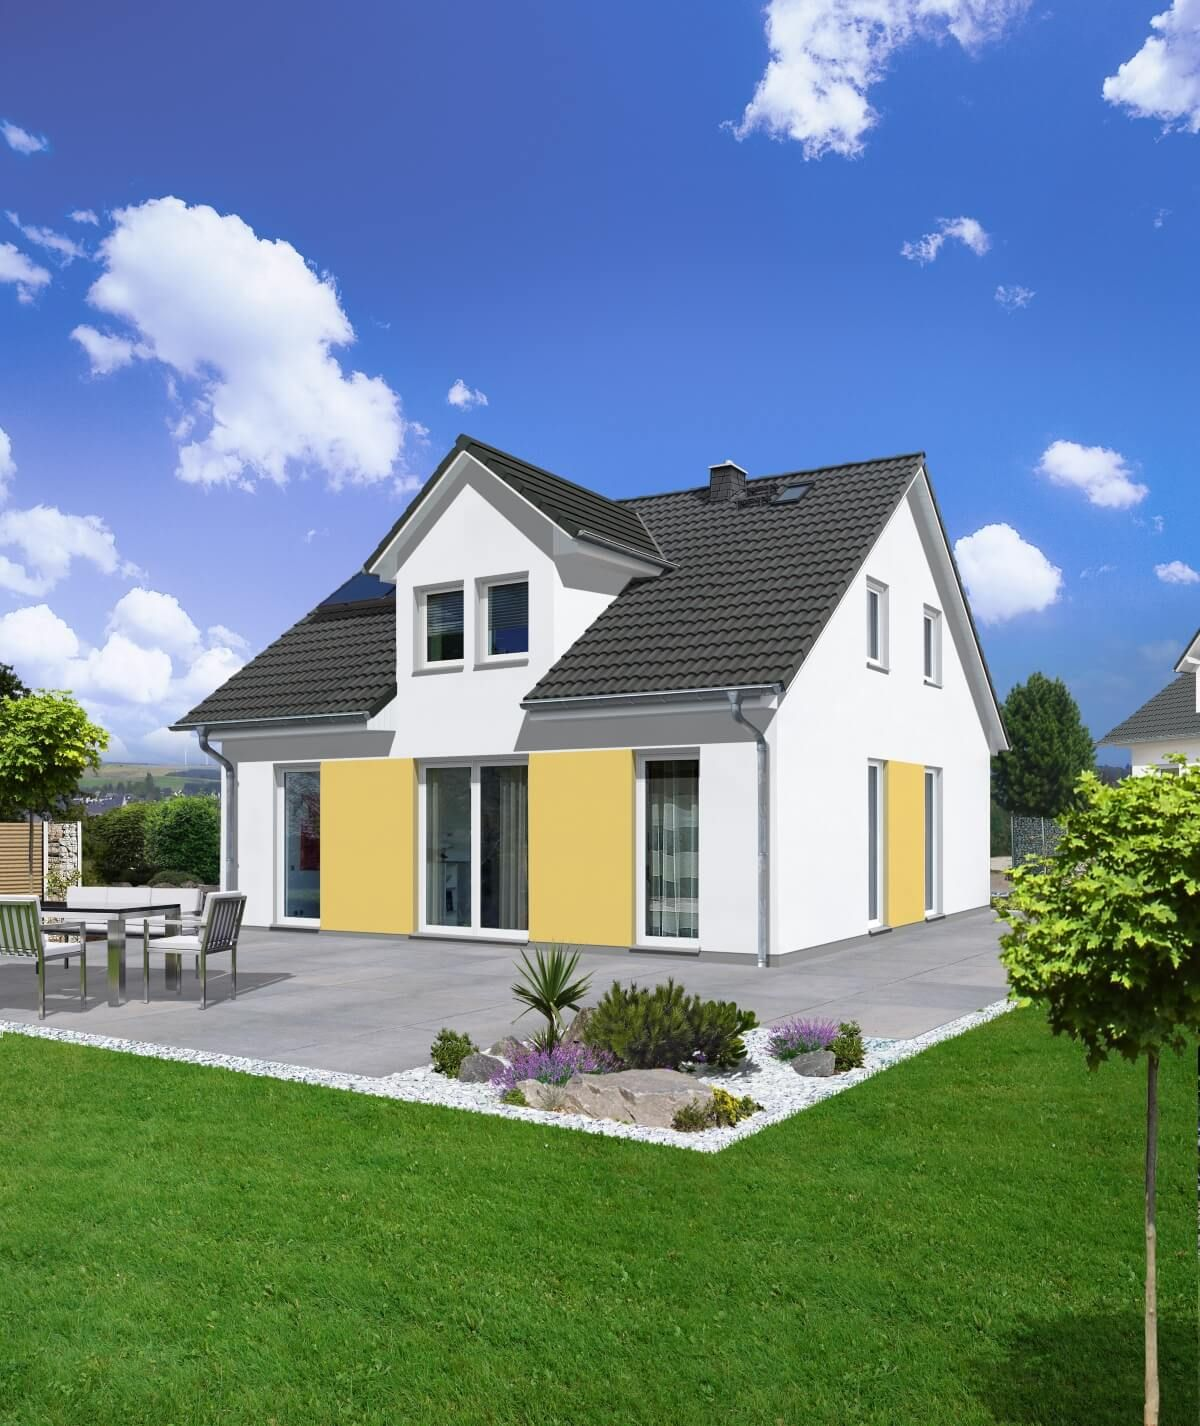 Einfamilienhaus Neubau mit Satteldach Architektur & Gaube